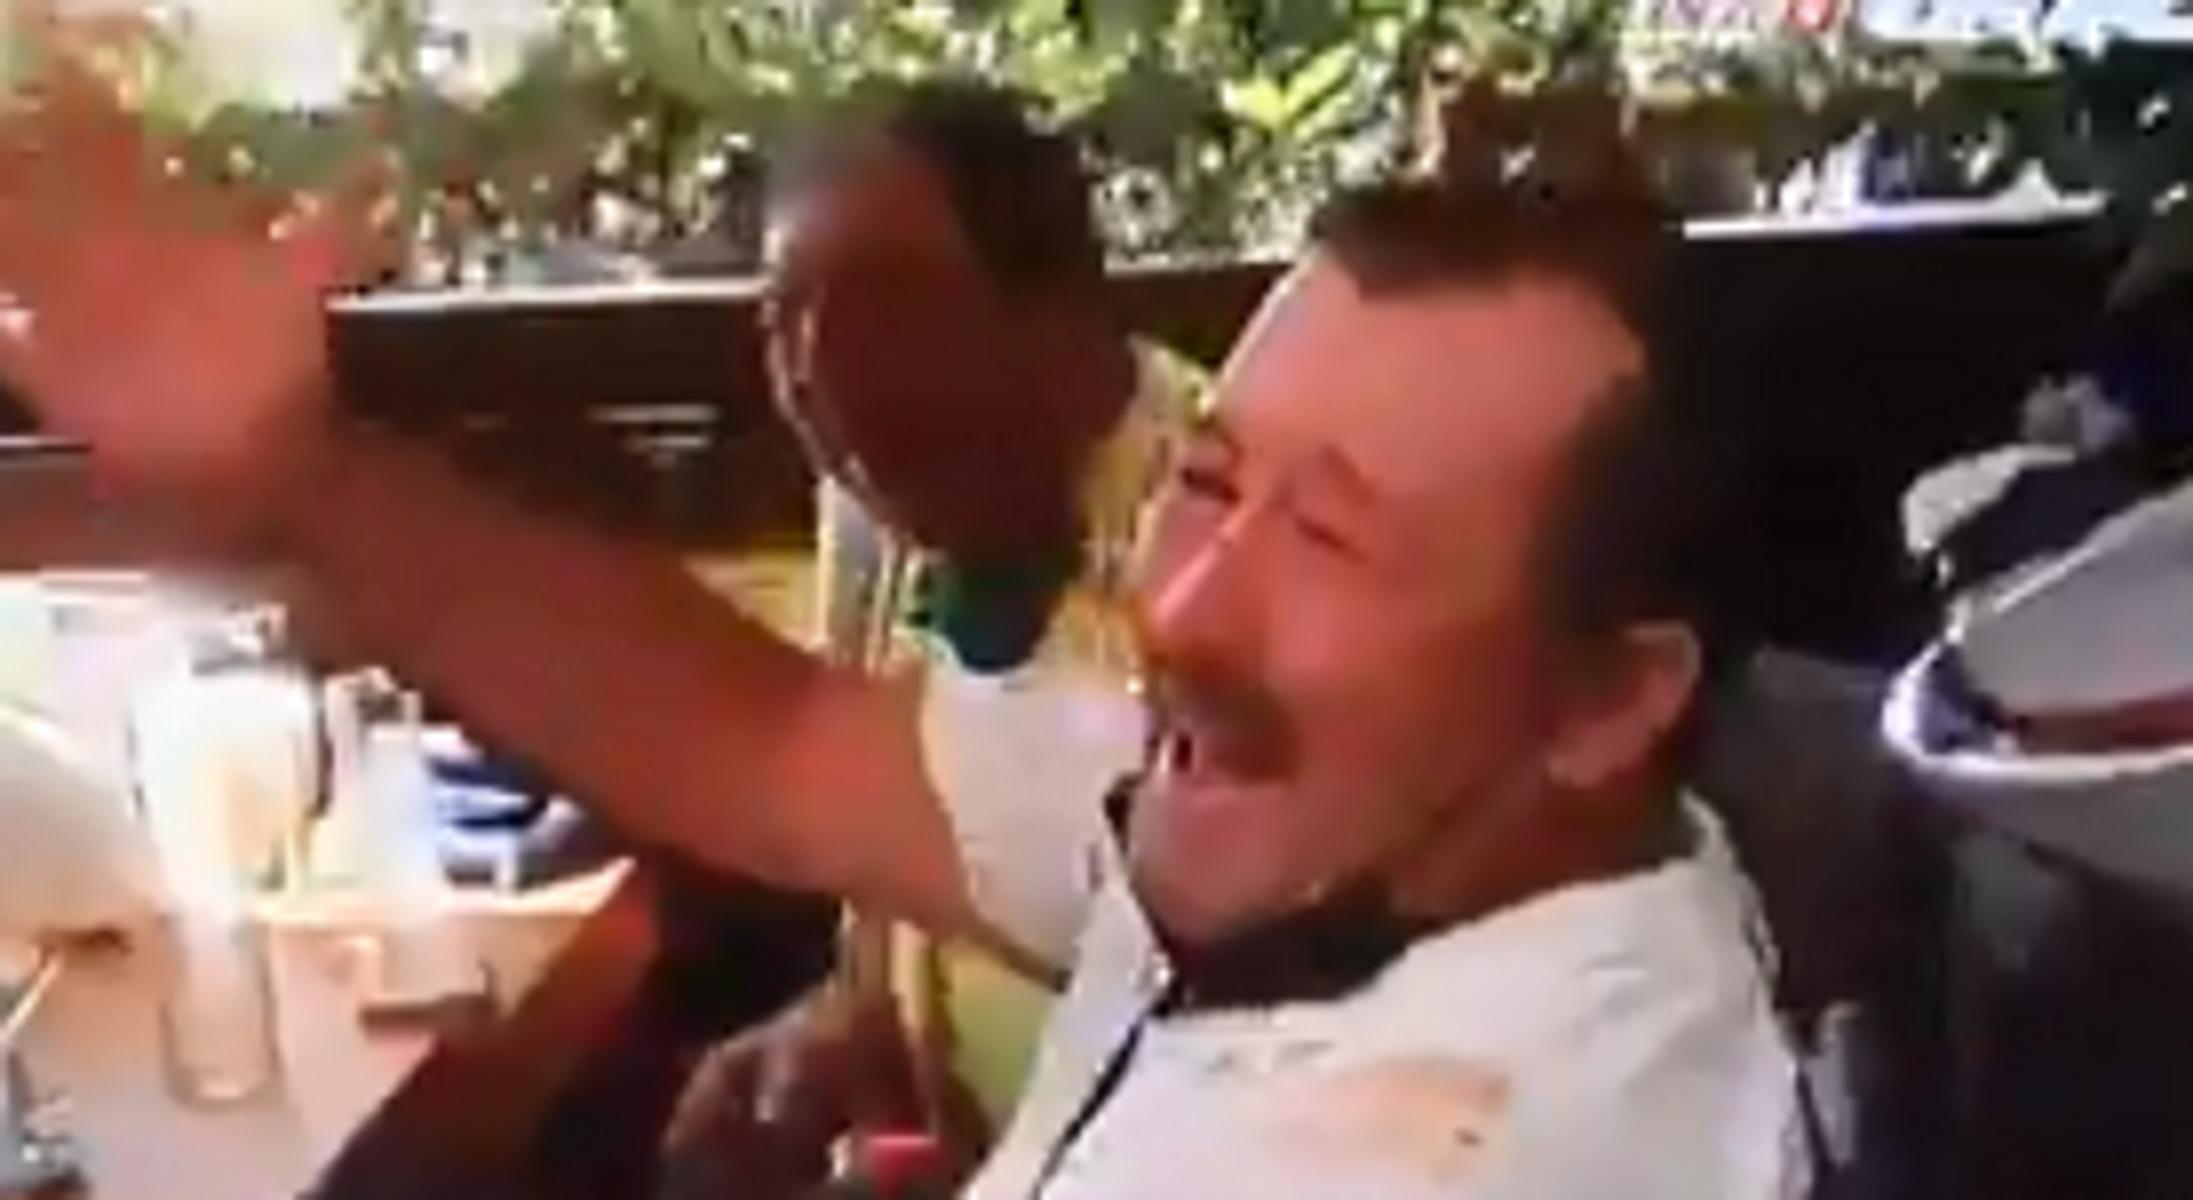 Ρεάλ Μαδρίτης: Εργάτες στο Μπερναμπέου τραγουδούν συνθήματα της Ατλέτικο